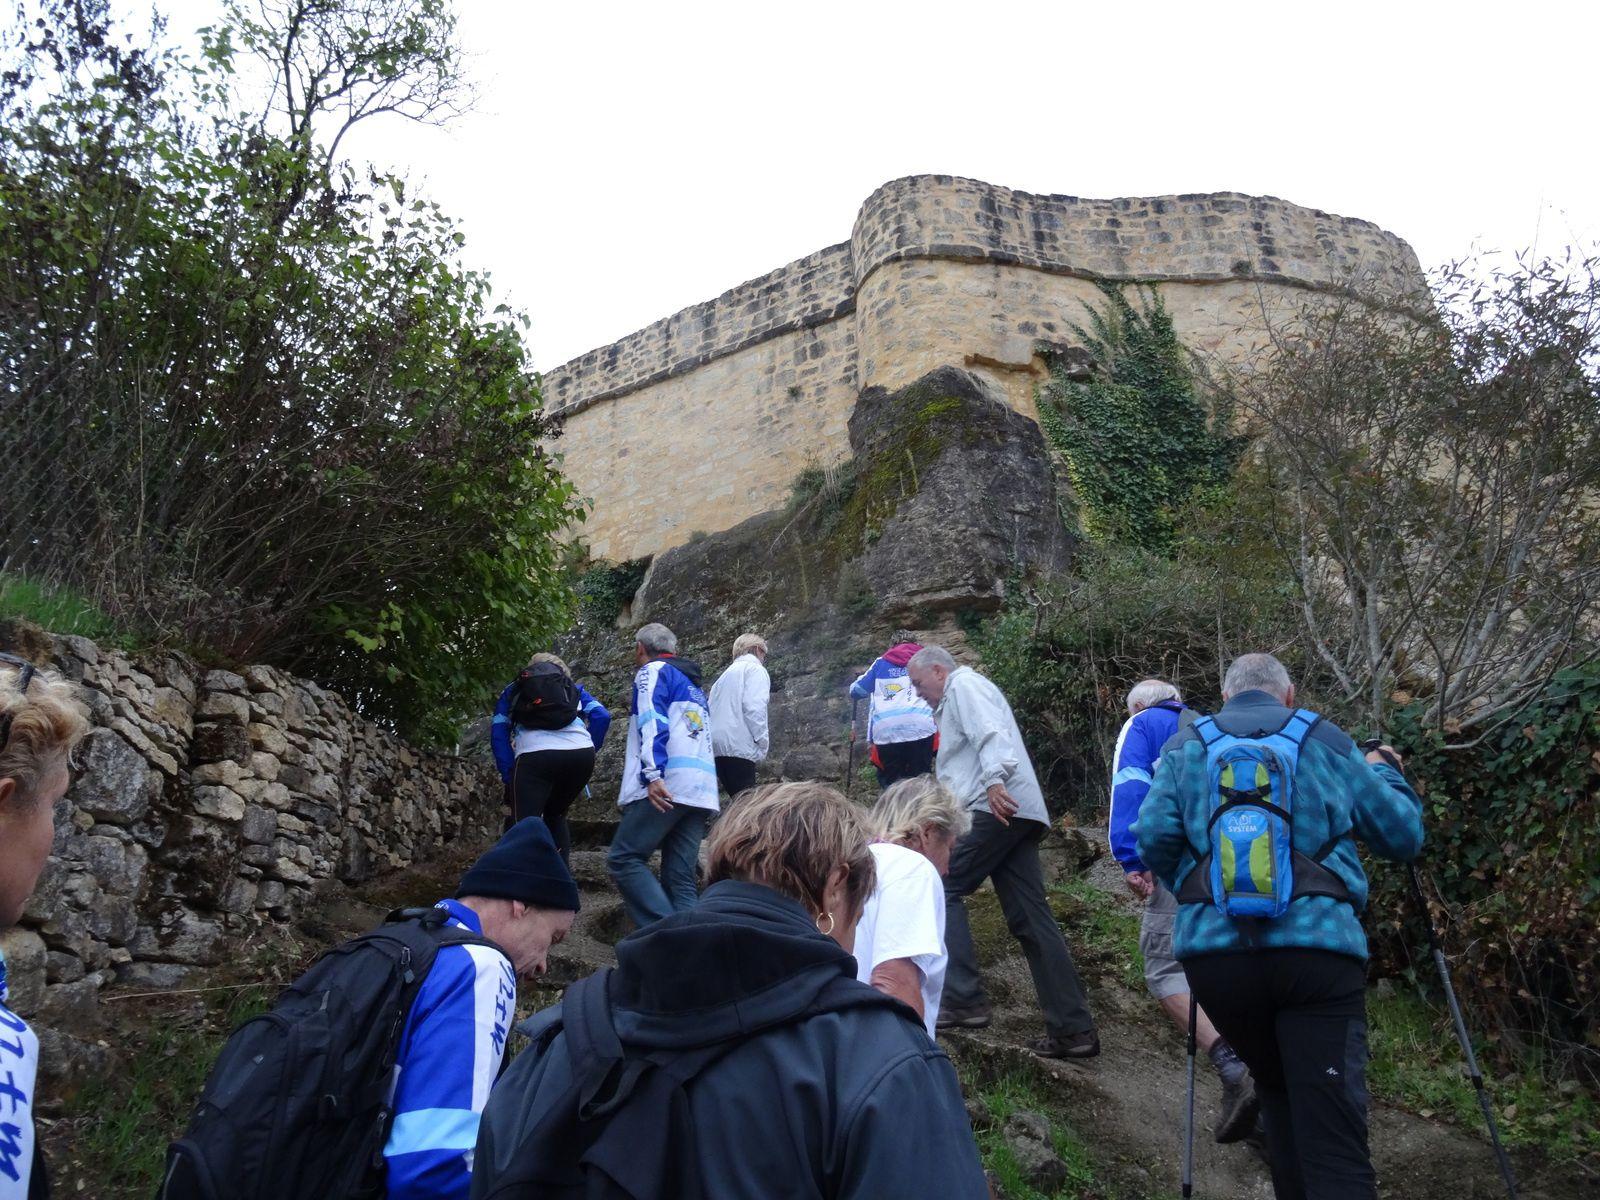 4 ème étape Peyrillac et Millac à Carlux. le soir réception à Salignac. Dimanche départ de Carlux.